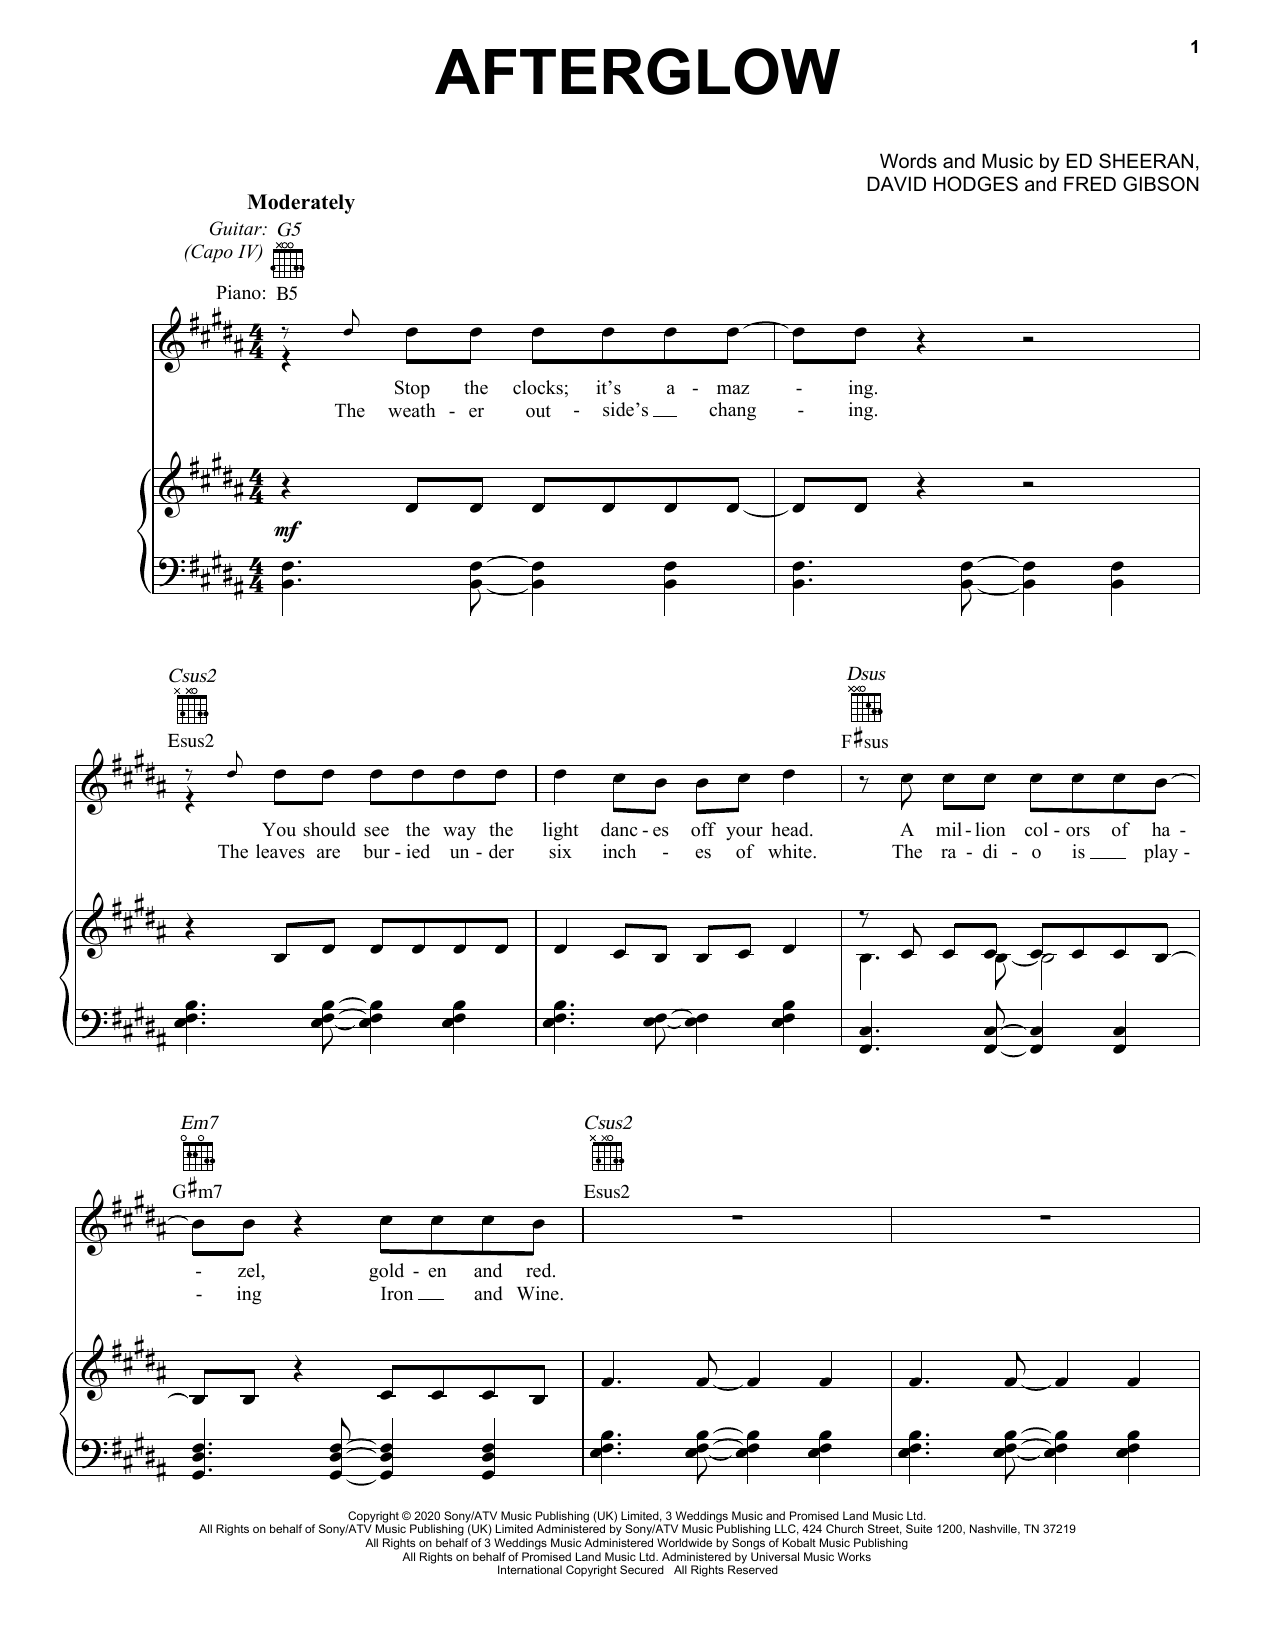 Ed Sheeran Afterglow sheet music notes printable PDF score